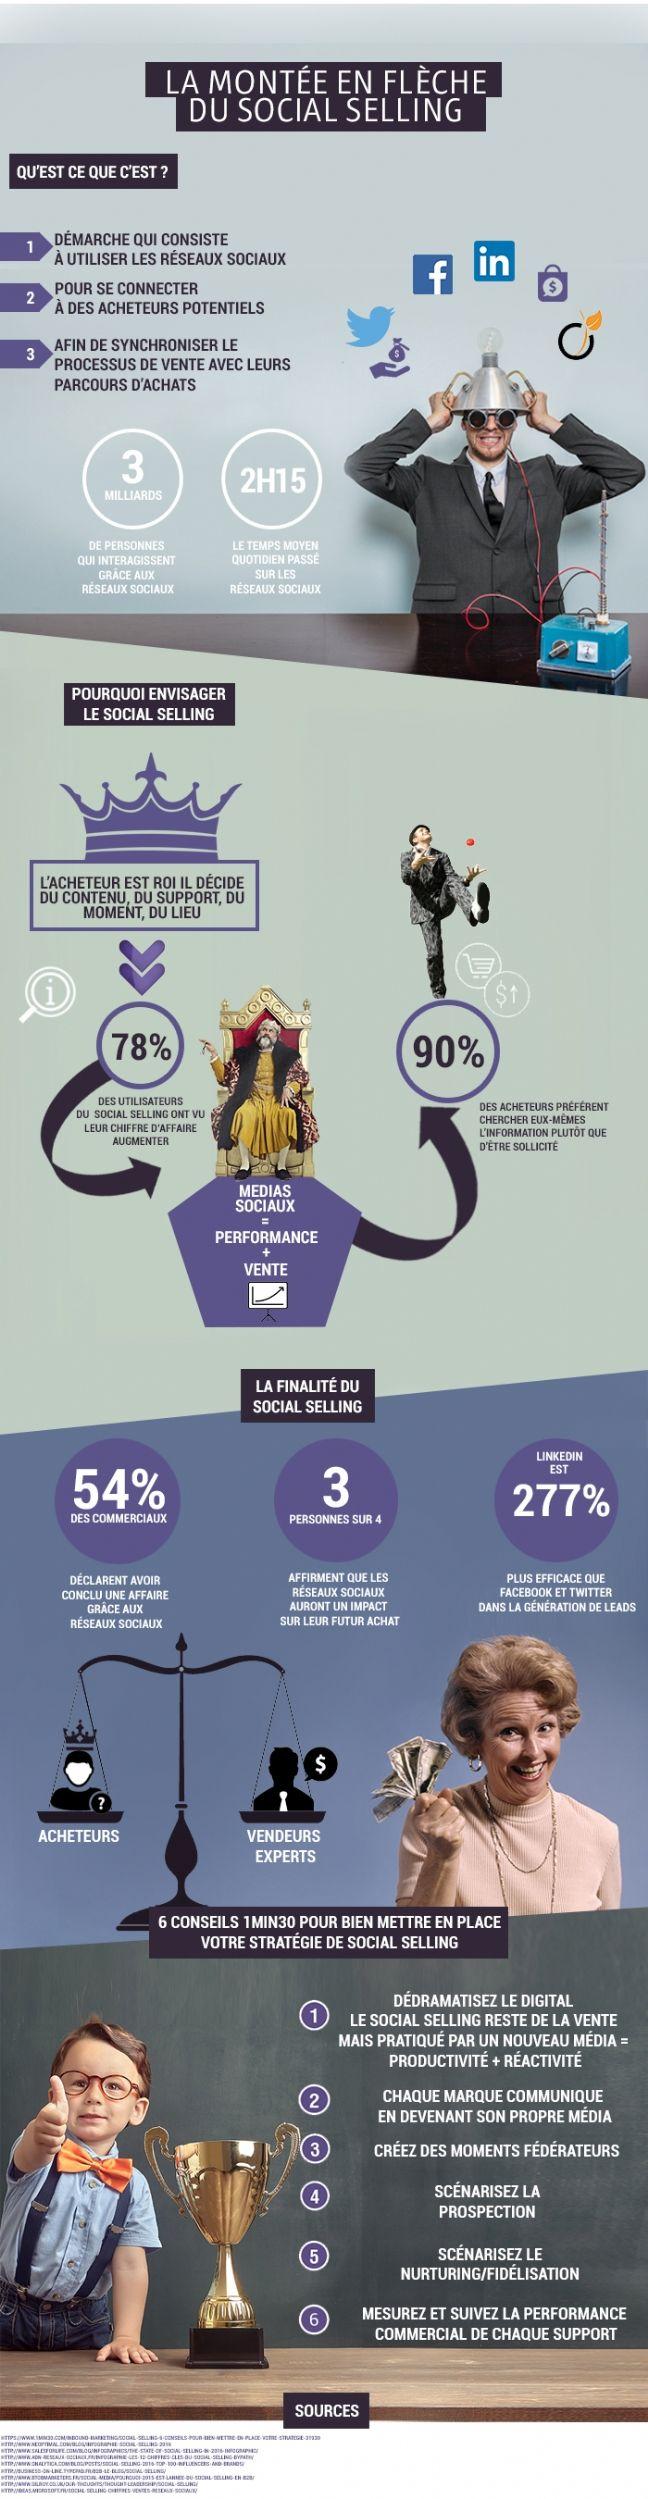 Infographie Le social selling, une source de revenus à ne pas négliger - actionco.fr